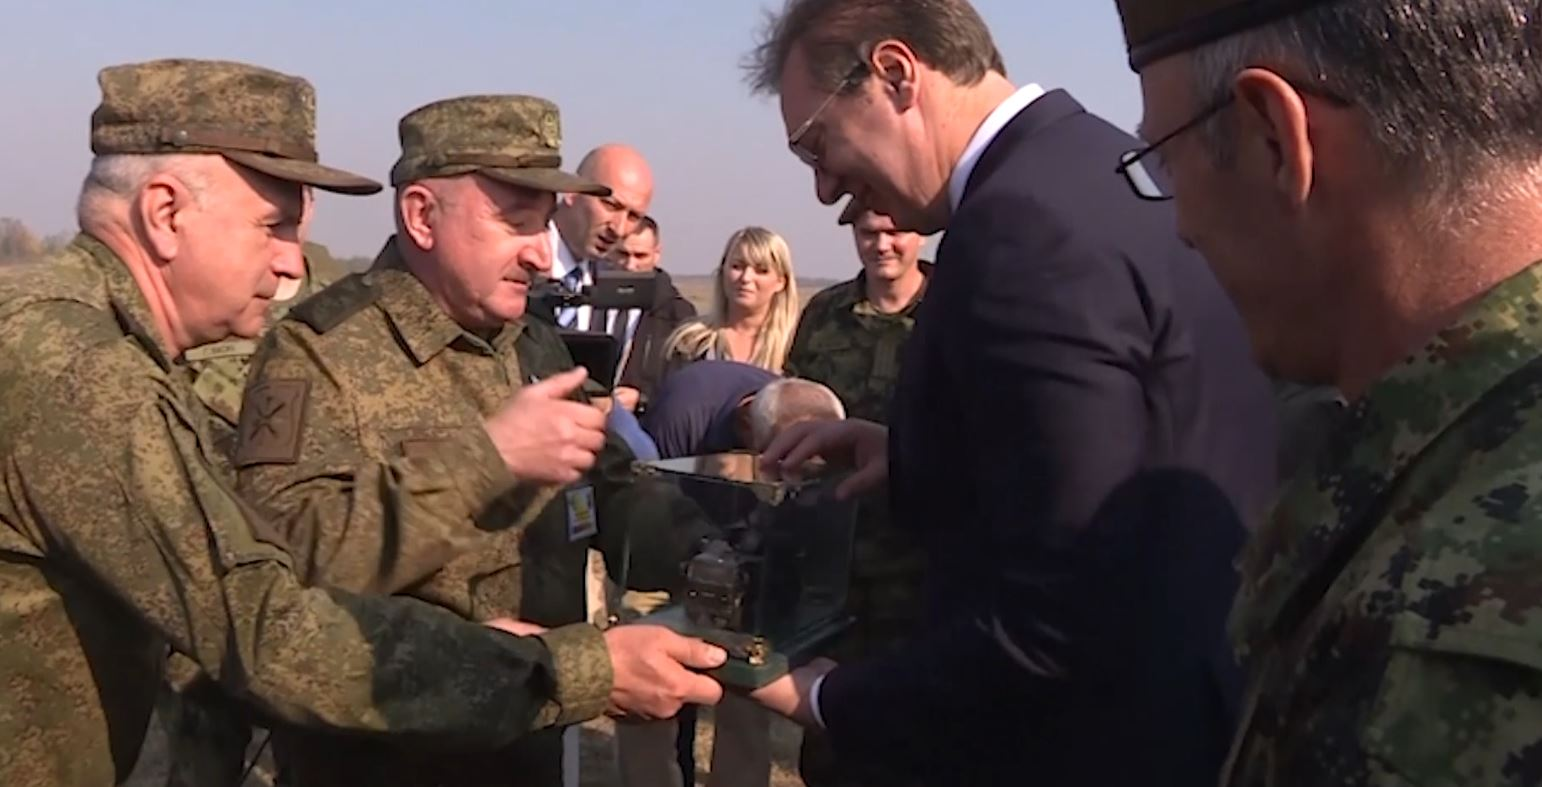 Zyrtari i lartë amerikan për sanksionet Thomas Zarzecki mbërrin në Serbi, takohet me Daçiç